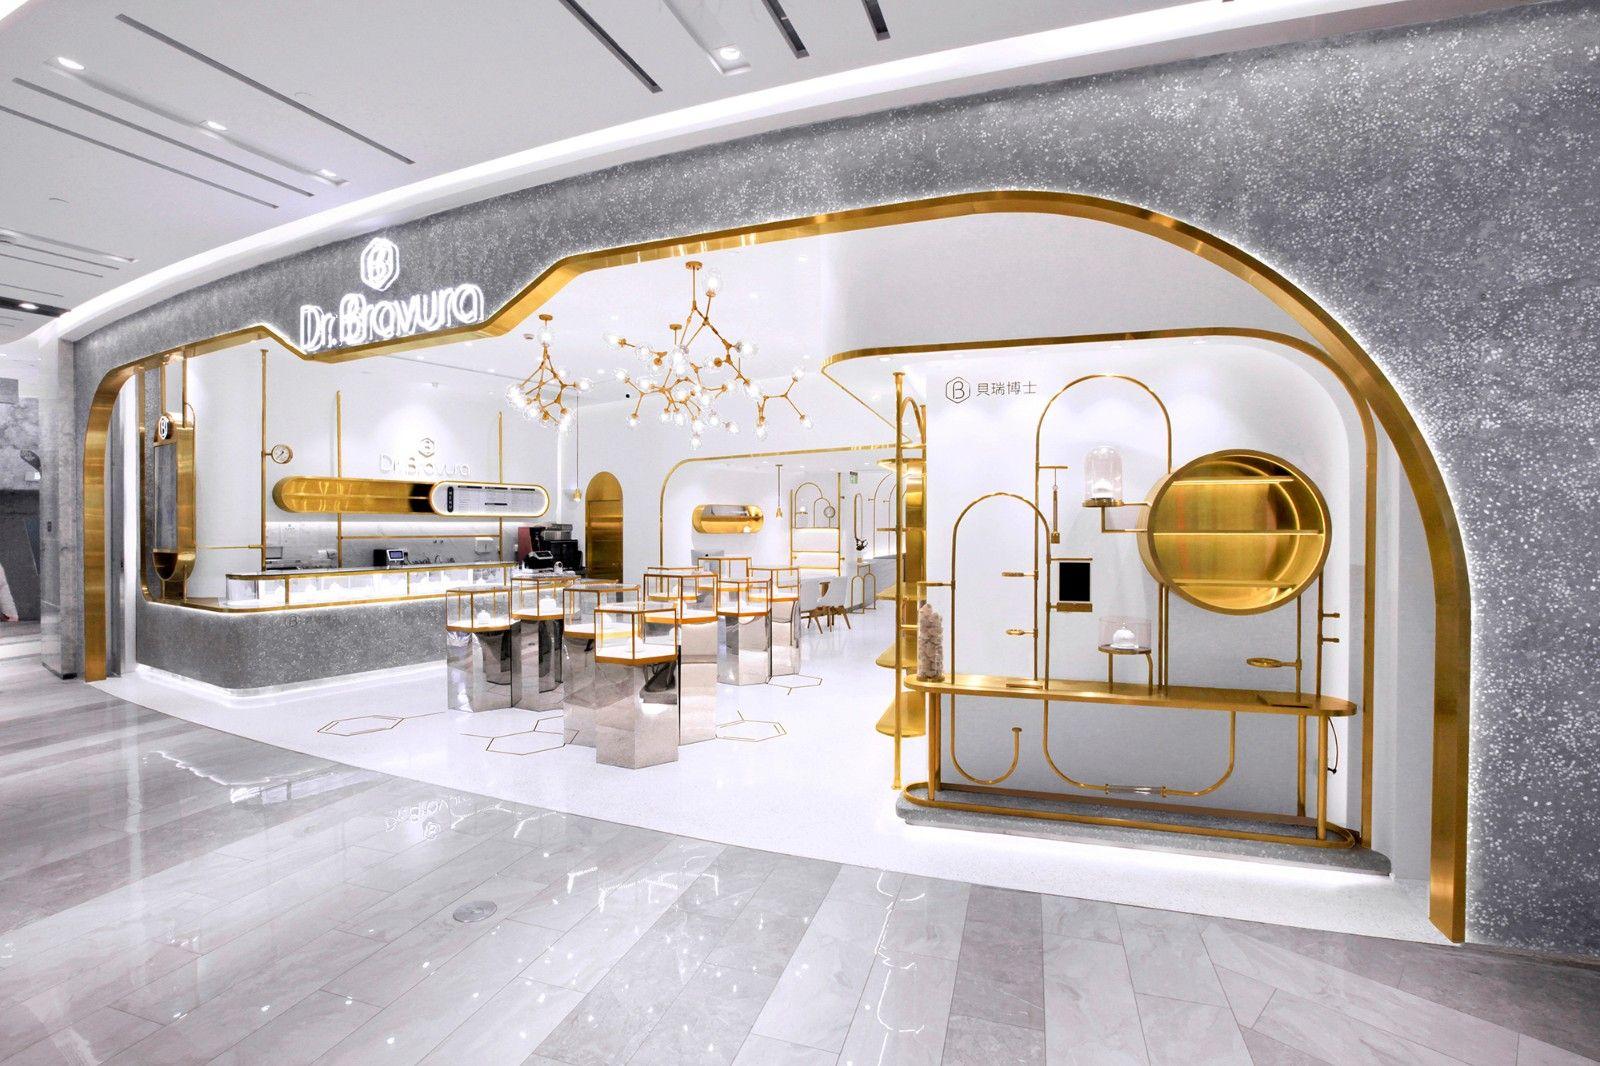 精致优雅,上海Dr.Bravura燕窝甜品实验室 上海towodesign堂晤设计